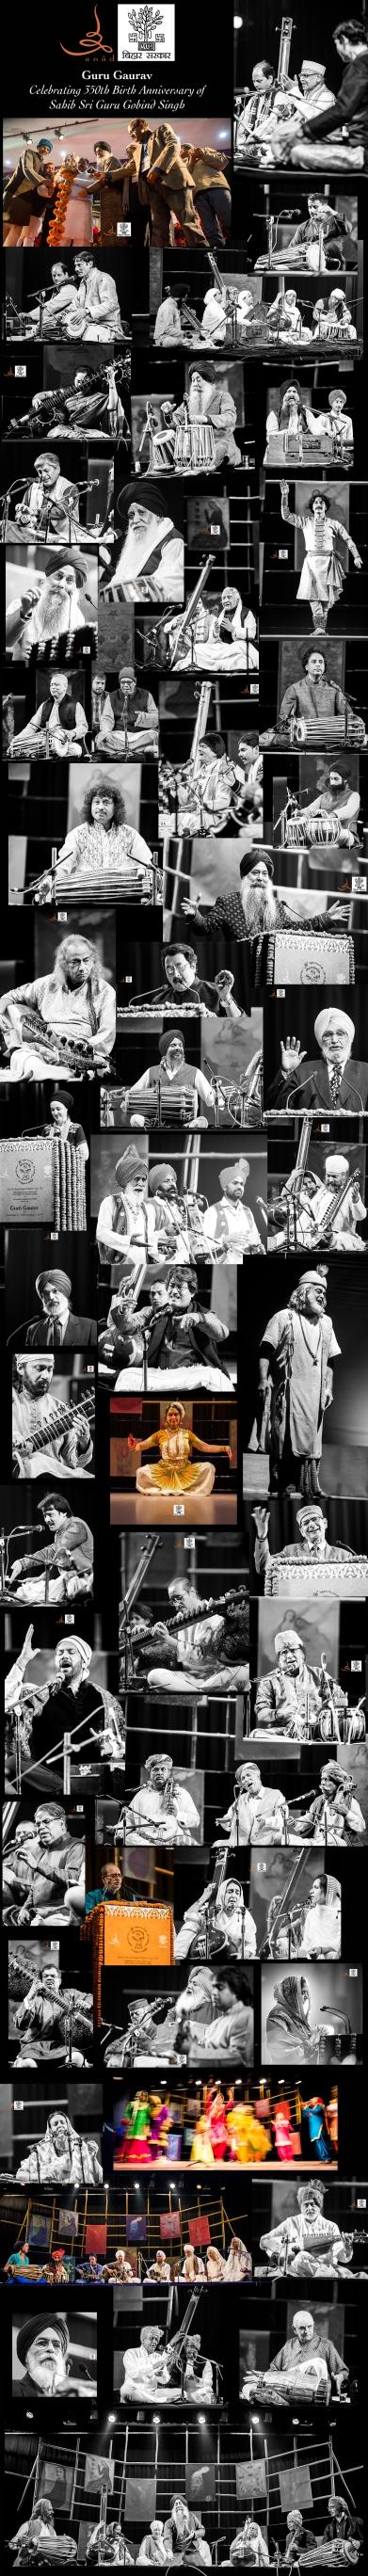 Guru Gaurav Performers